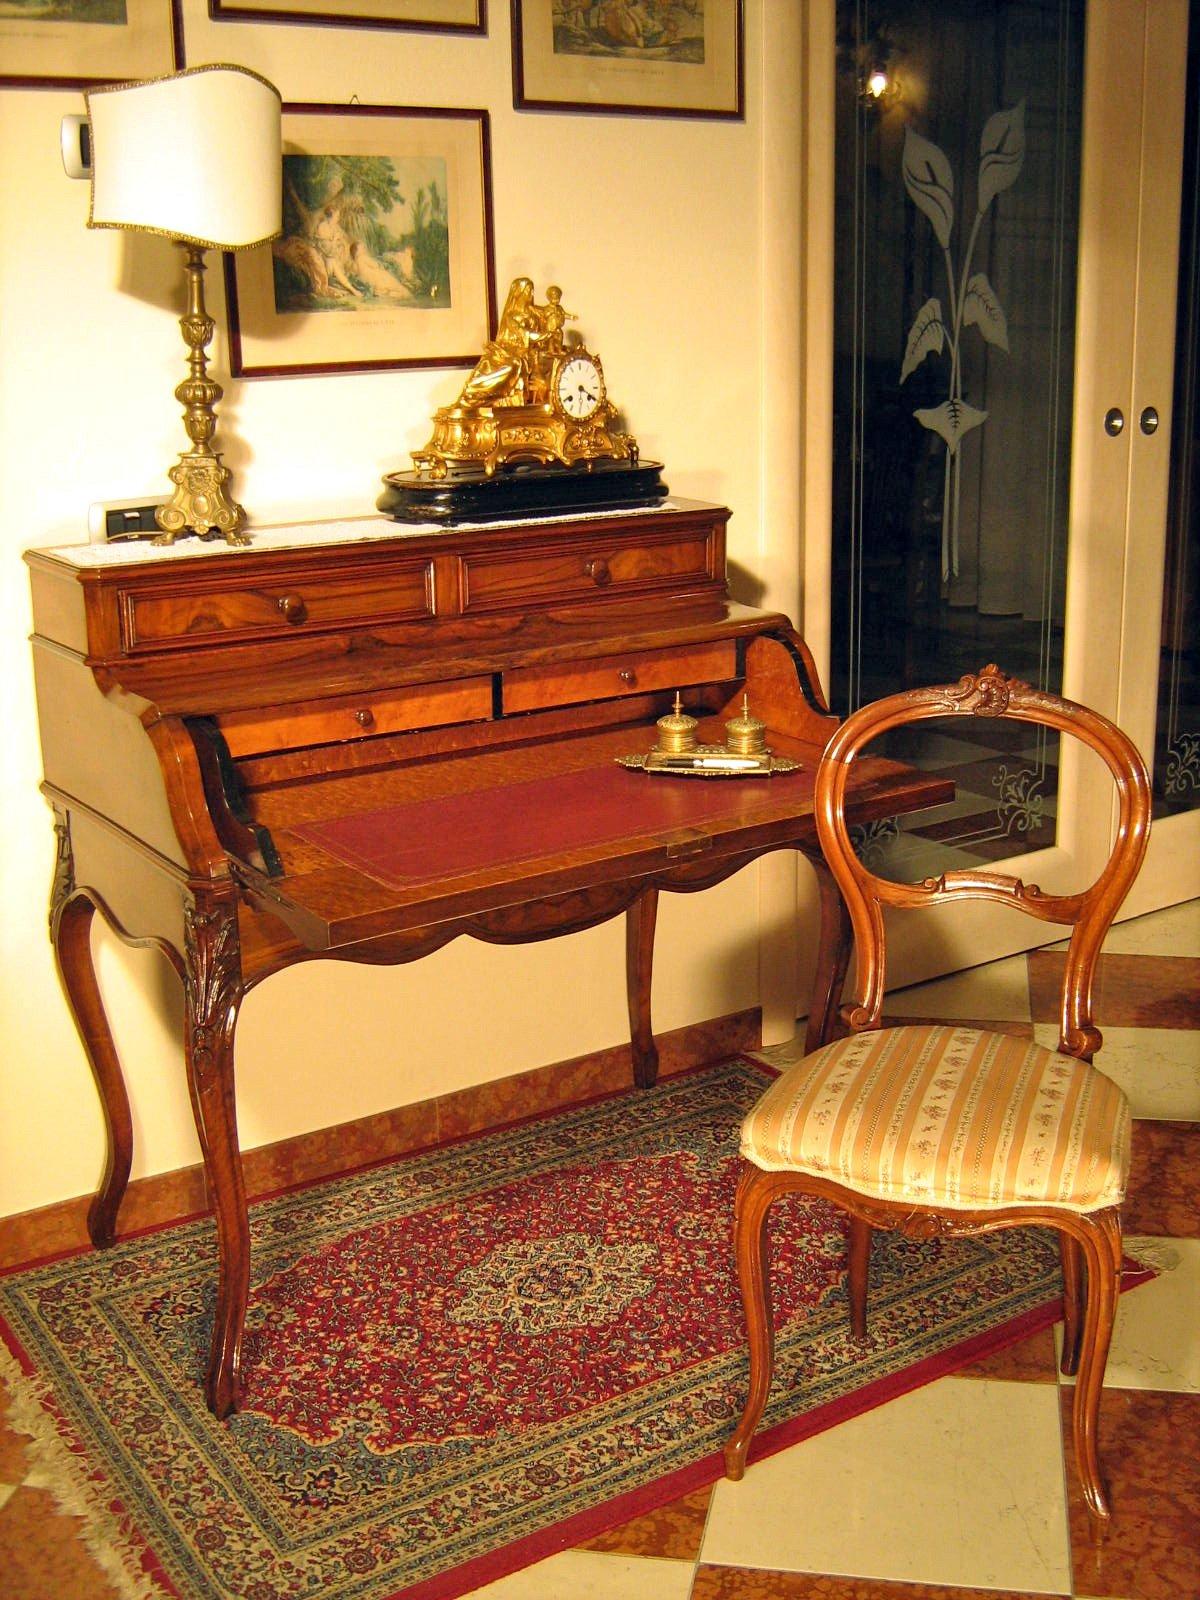 Antiquariato e mobili in stile artigianali da 50 anni - Immagini di mobili antichi ...